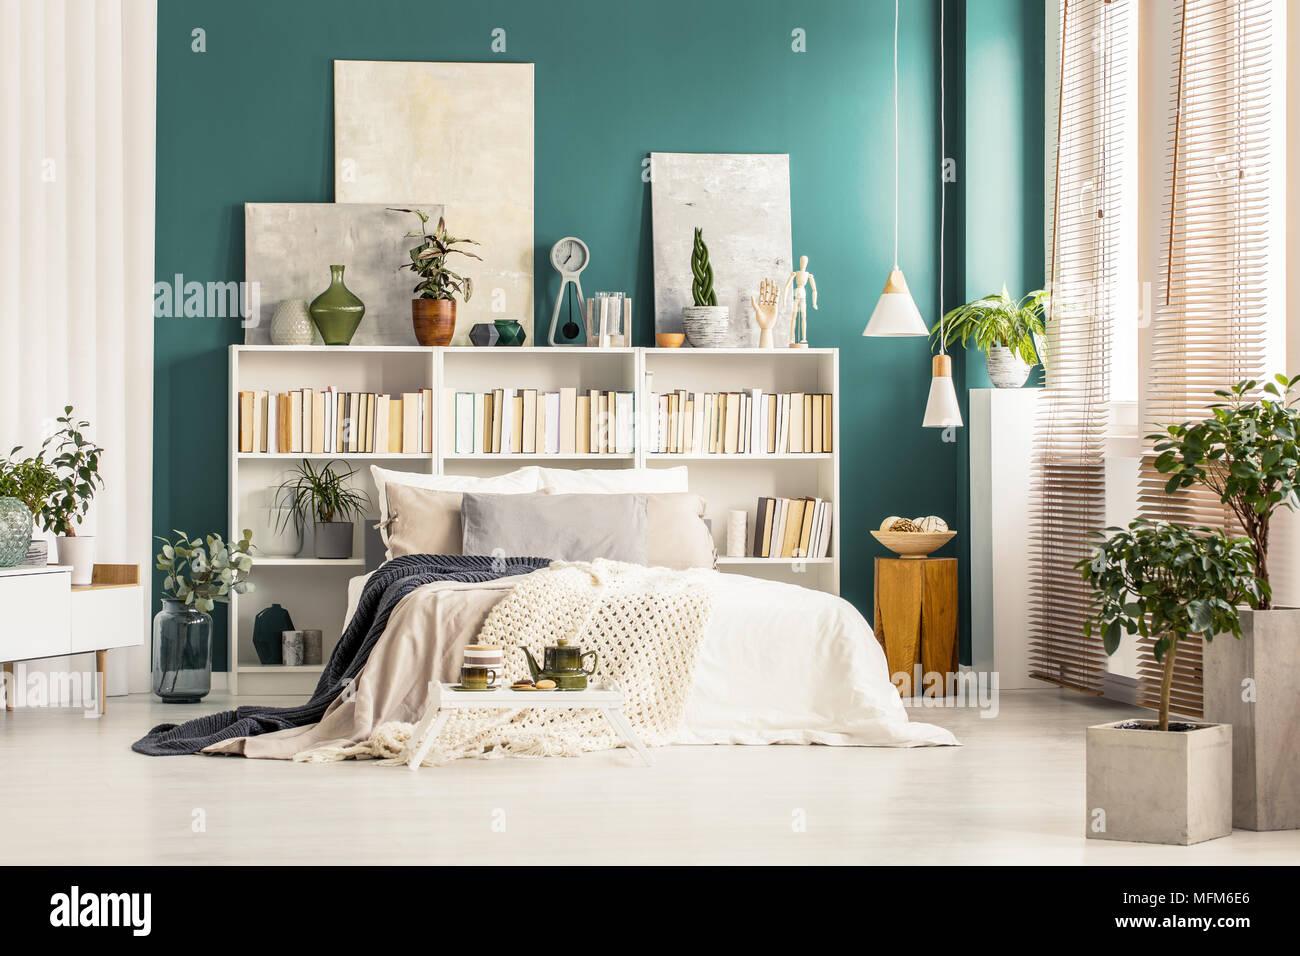 biblioth ques avec des peintures sur le haut comit contre un mur vert fonc blanc derri re lit. Black Bedroom Furniture Sets. Home Design Ideas